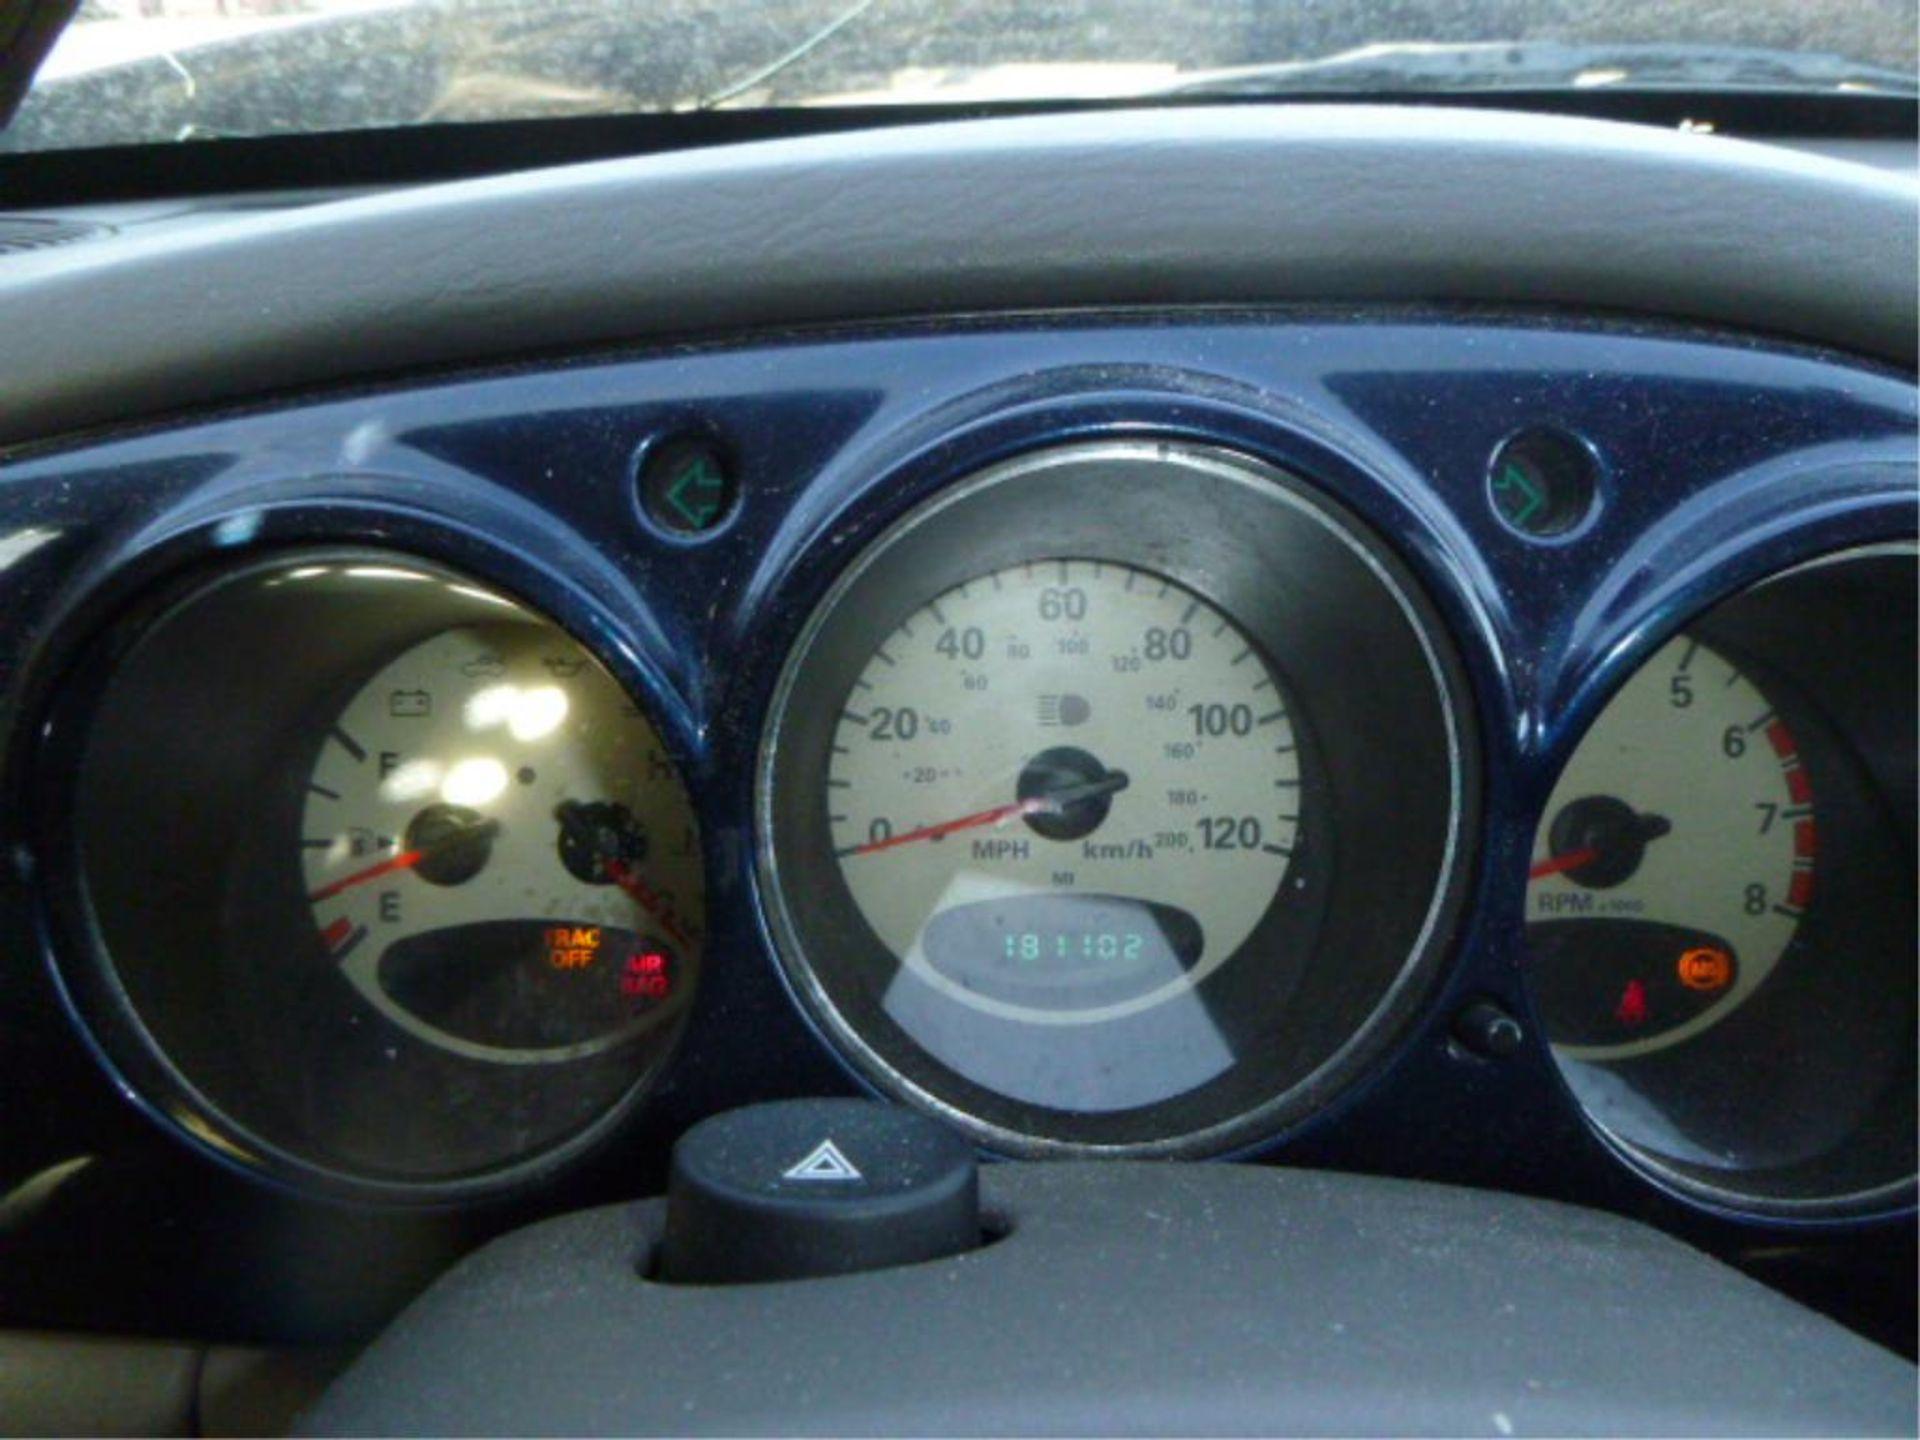 2002 Chrysler PT Cruiser - Image 12 of 14